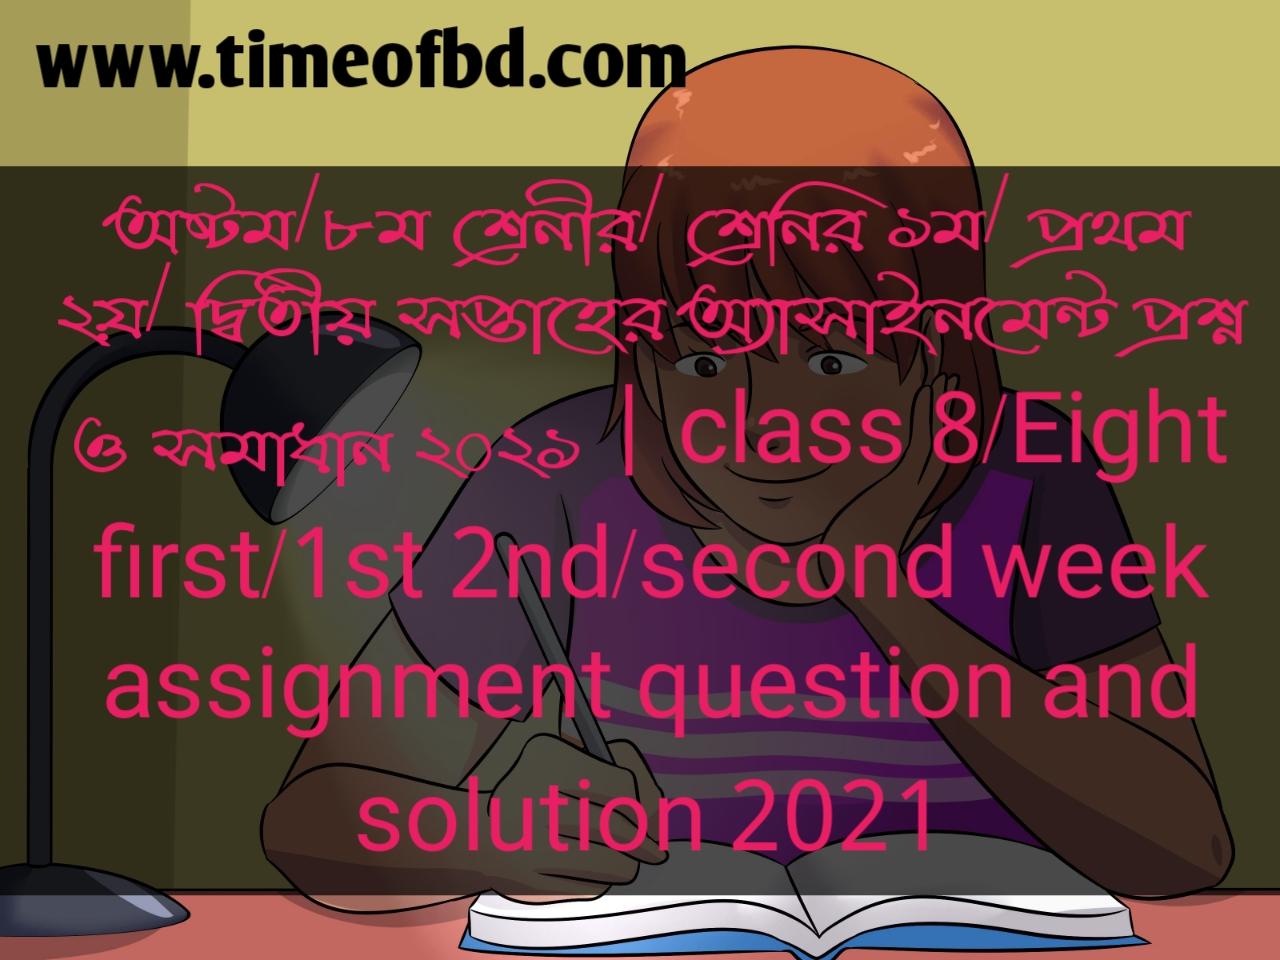 ৮ম/ অষ্টম শ্রেনীর/ শ্রেনির ১ম/ ২য় সপ্তাহের অ্যাসাইনমেন্ট প্রশ্ন ও সমাধান বাংলা, class 8/eight first/1st 2nd/second-week assignment question and solution Bangla, ৮ম/ অষ্টম শ্রেনীর/ শ্রেনির ১ম/ ২য় সপ্তাহের অ্যাসাইনমেন্ট প্রশ্ন ও সমাধান বিজ্ঞান, class 8/eight first/1st 2nd/second-week assignment question and solution science, ৮ম/ অষ্টম শ্রেনীর/ শ্রেনির ১ম/ ২য় সপ্তাহের অ্যাসাইনমেন্ট প্রশ্ন ও সমাধান বাংলাদেশ ও বিশ্বপরিচয়, class 8/eight first/1st 2nd/second-week assignment question and solution bangladesh and global studies, অষ্টম/৮ম শ্রেনীর/ শ্রেনির ১ম/ প্রথম ২য়/ দ্বিতীয় সপ্তাহের অ্যাসাইনমেন্ট প্রশ্ন ও সমাধান, class 8/eight first/1st 2nd/second week assignment question and solution,